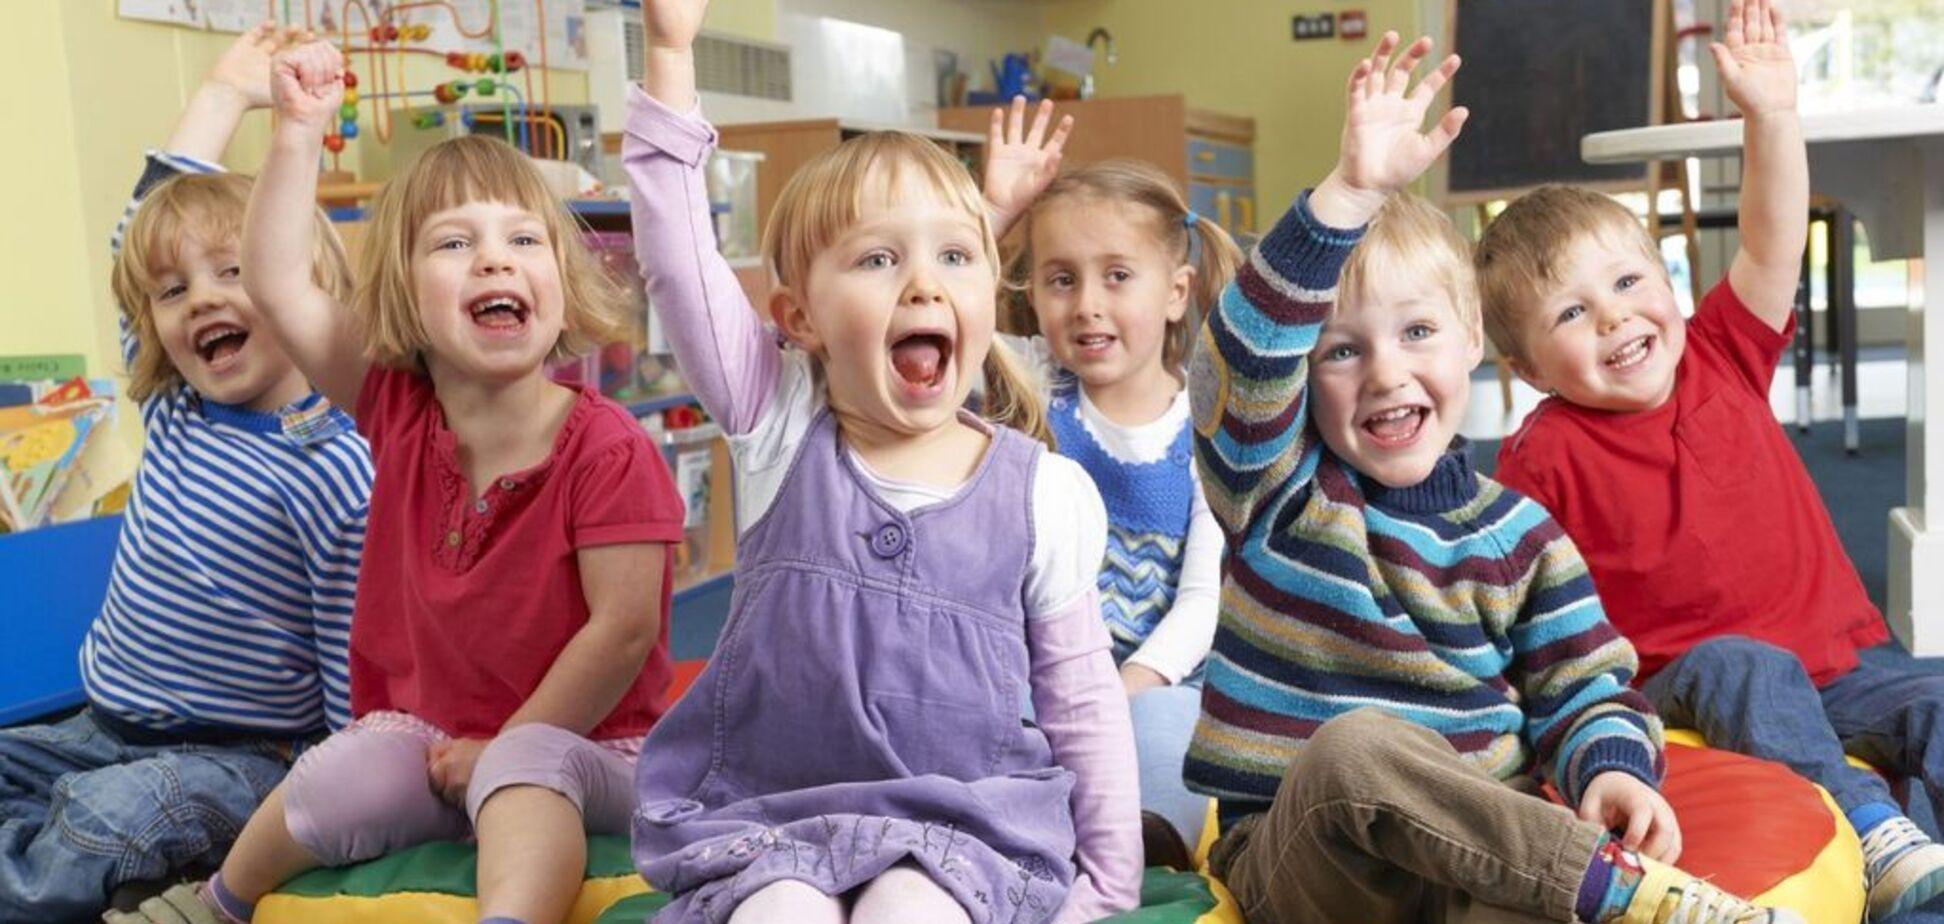 Як влаштувати дитину в дитячий сад: складності оформлення в Дніпрі